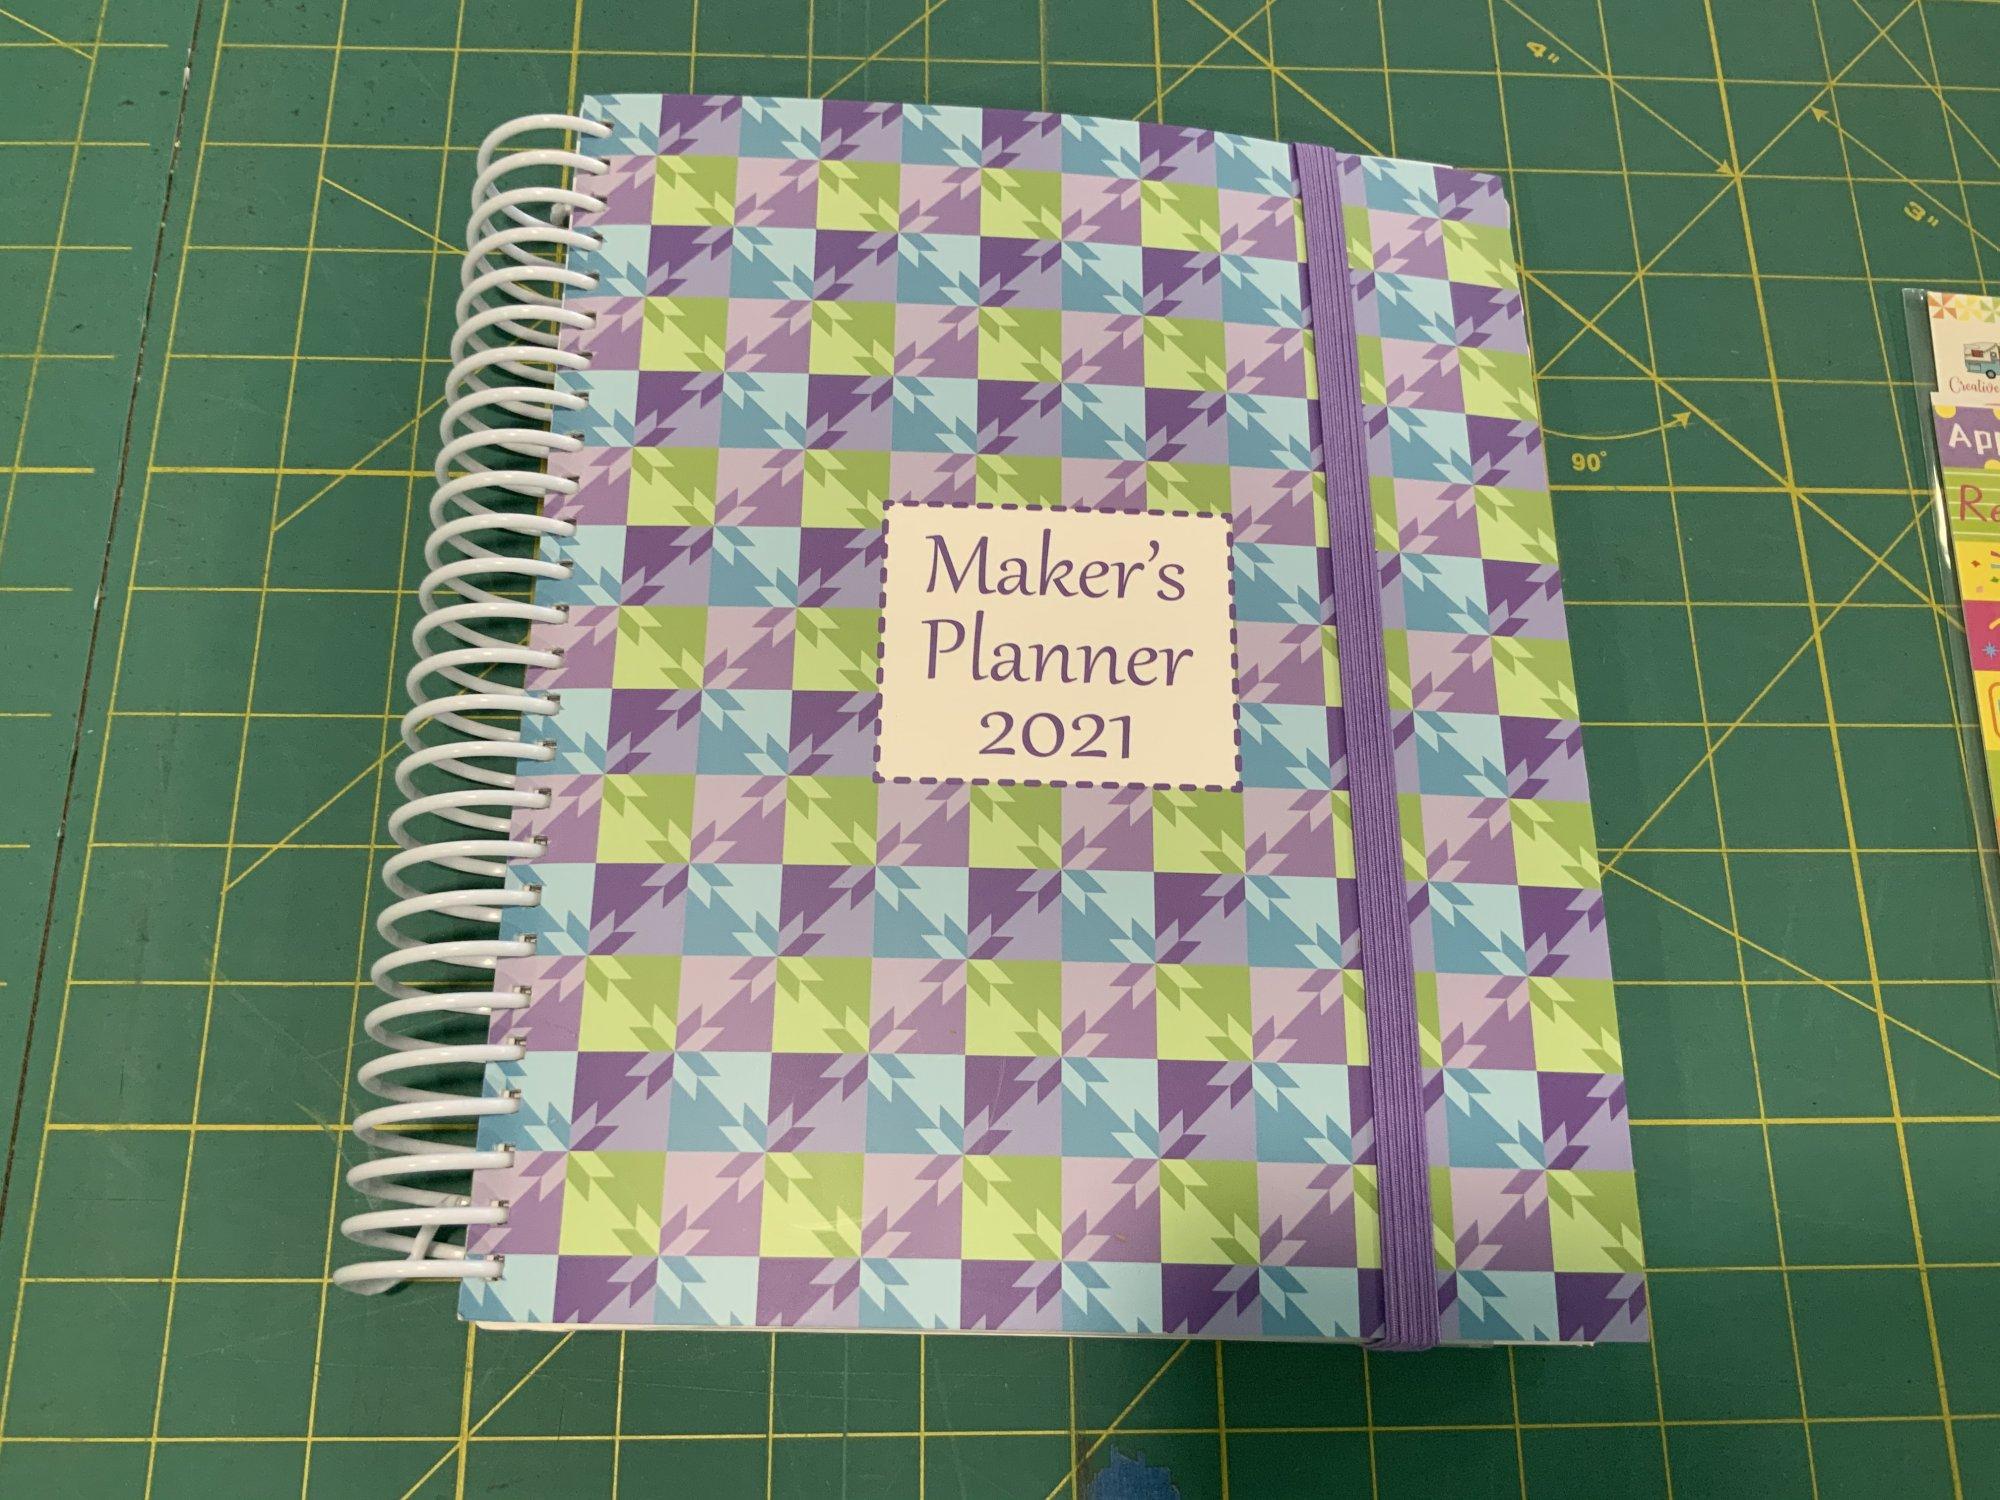 Maker's planner 2021